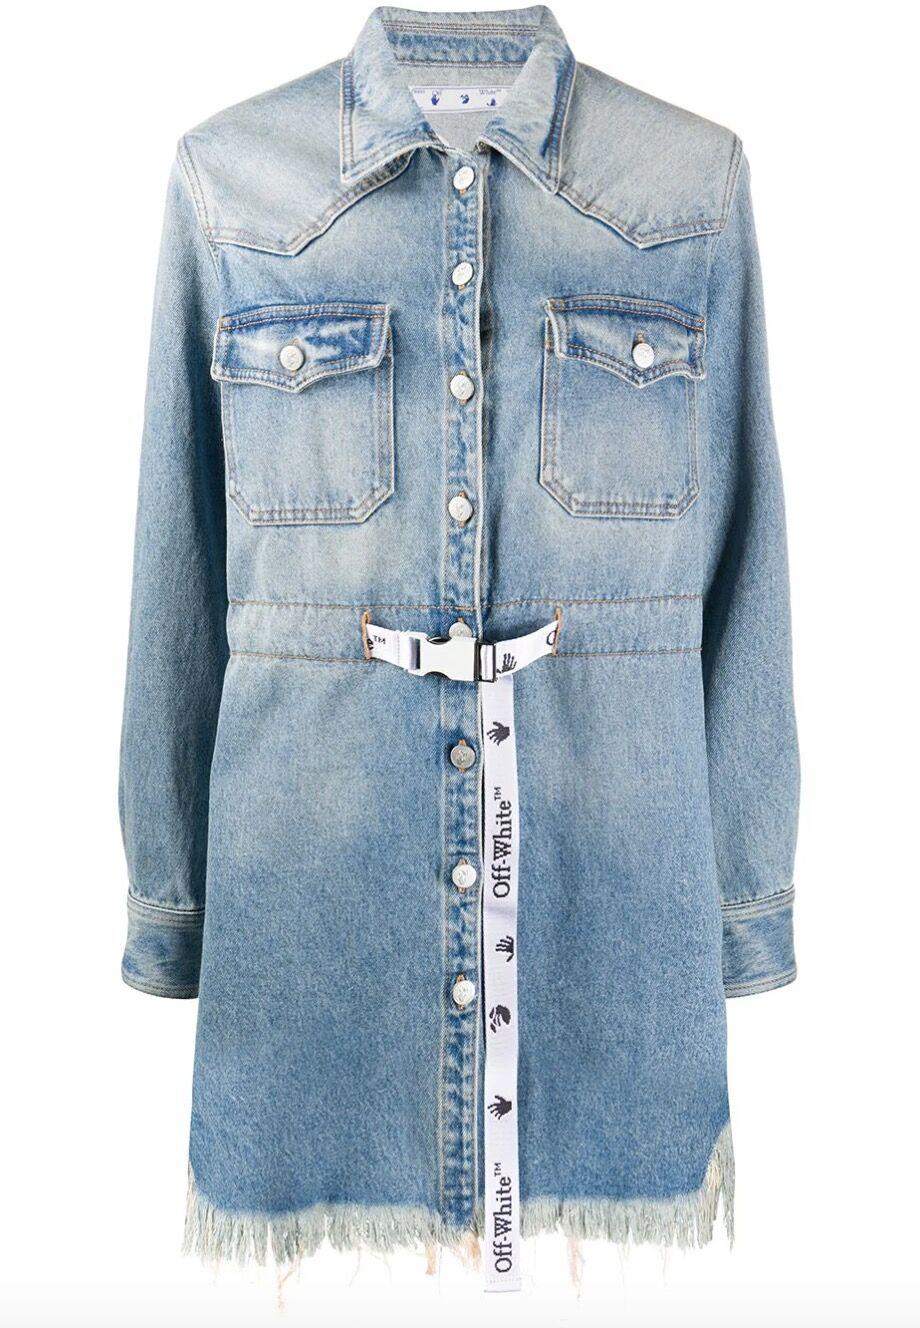 La robe en jean courte d'Amel Bent pour les K-O de The Voice est signée Off-White et coûte 810 €.